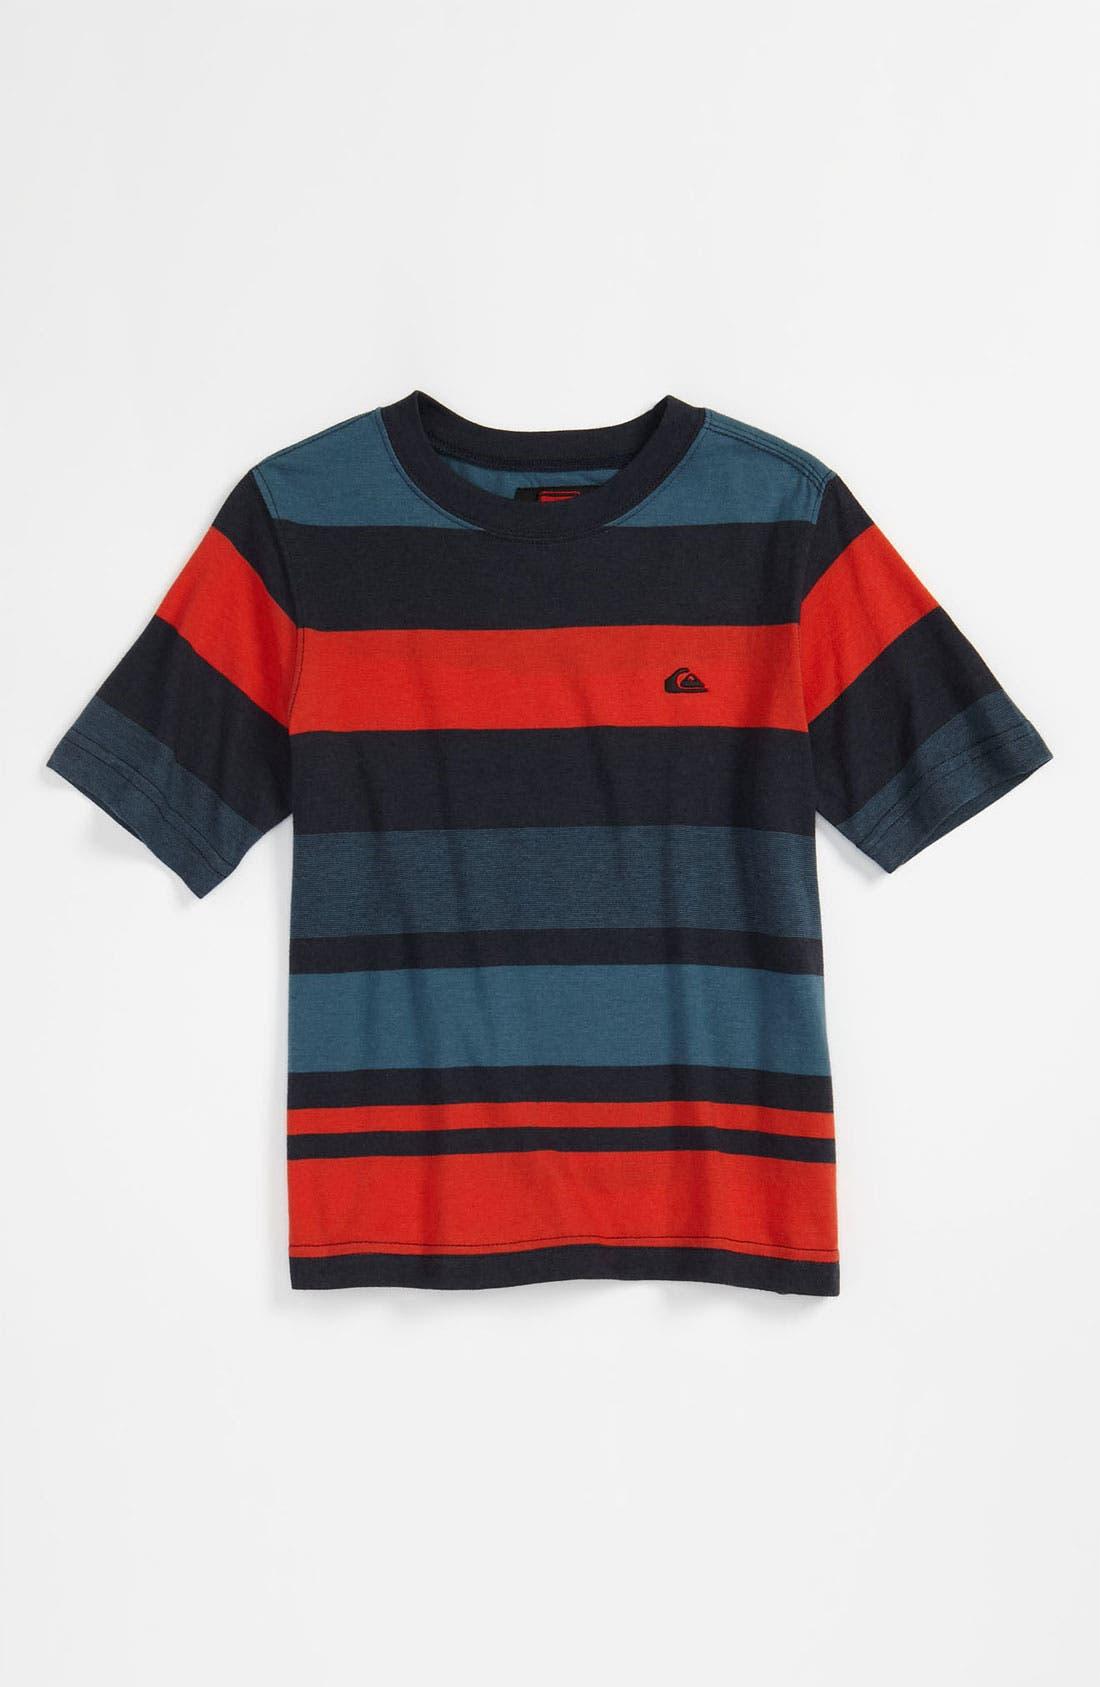 Alternate Image 1 Selected - Quiksilver 'Reasoner' T-Shirt (Little Boys)